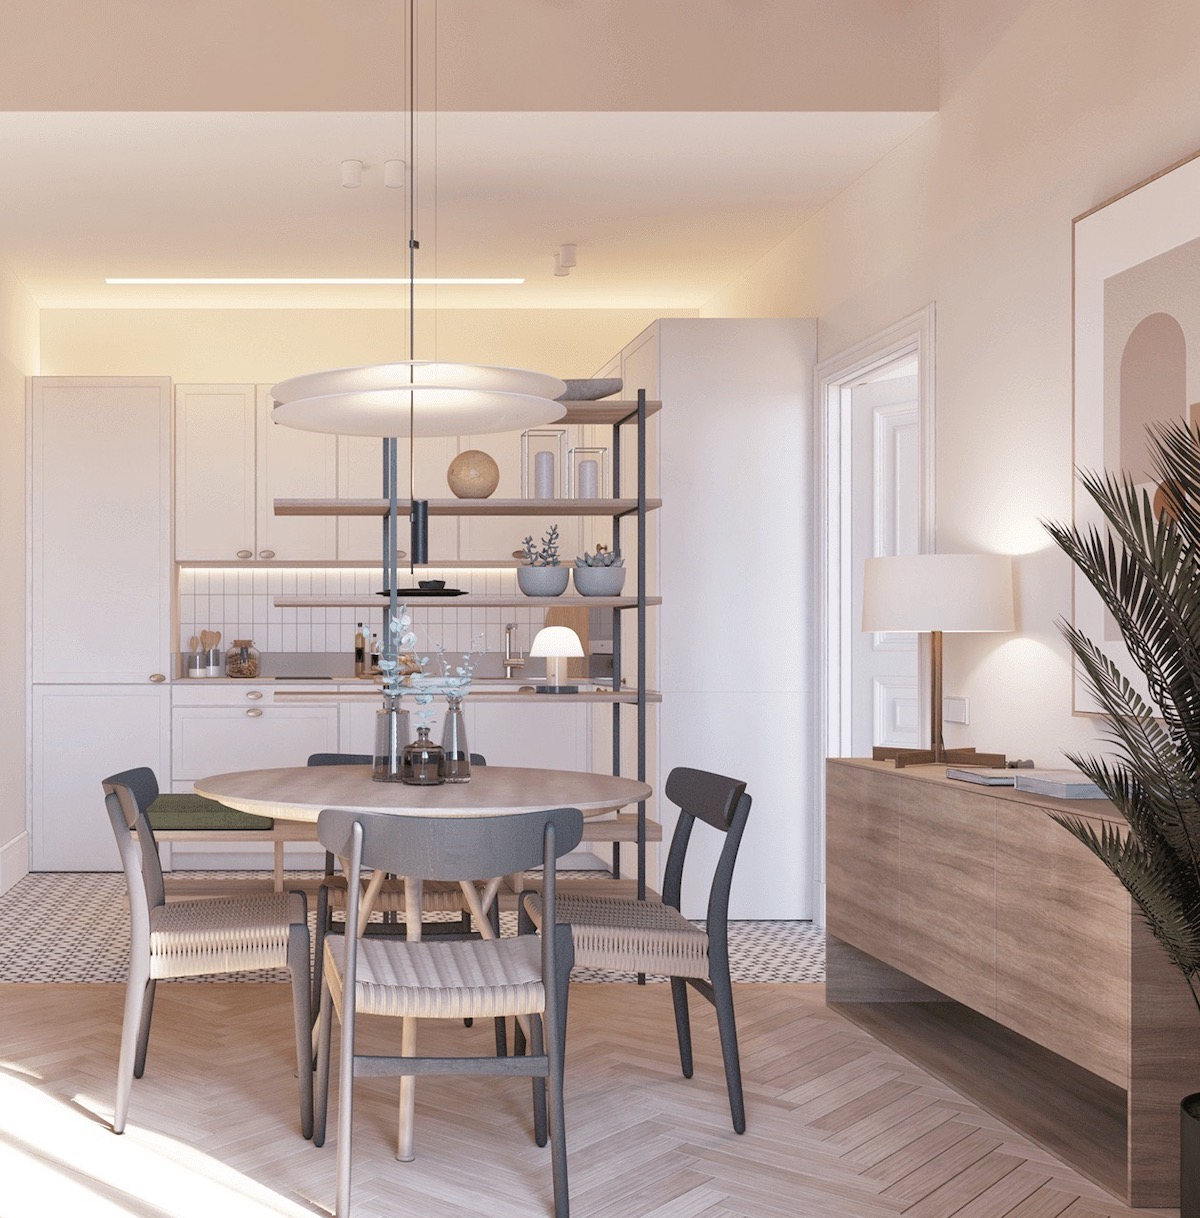 déco design fonctionnalité appartement pour senior salle à manger ronde 3d